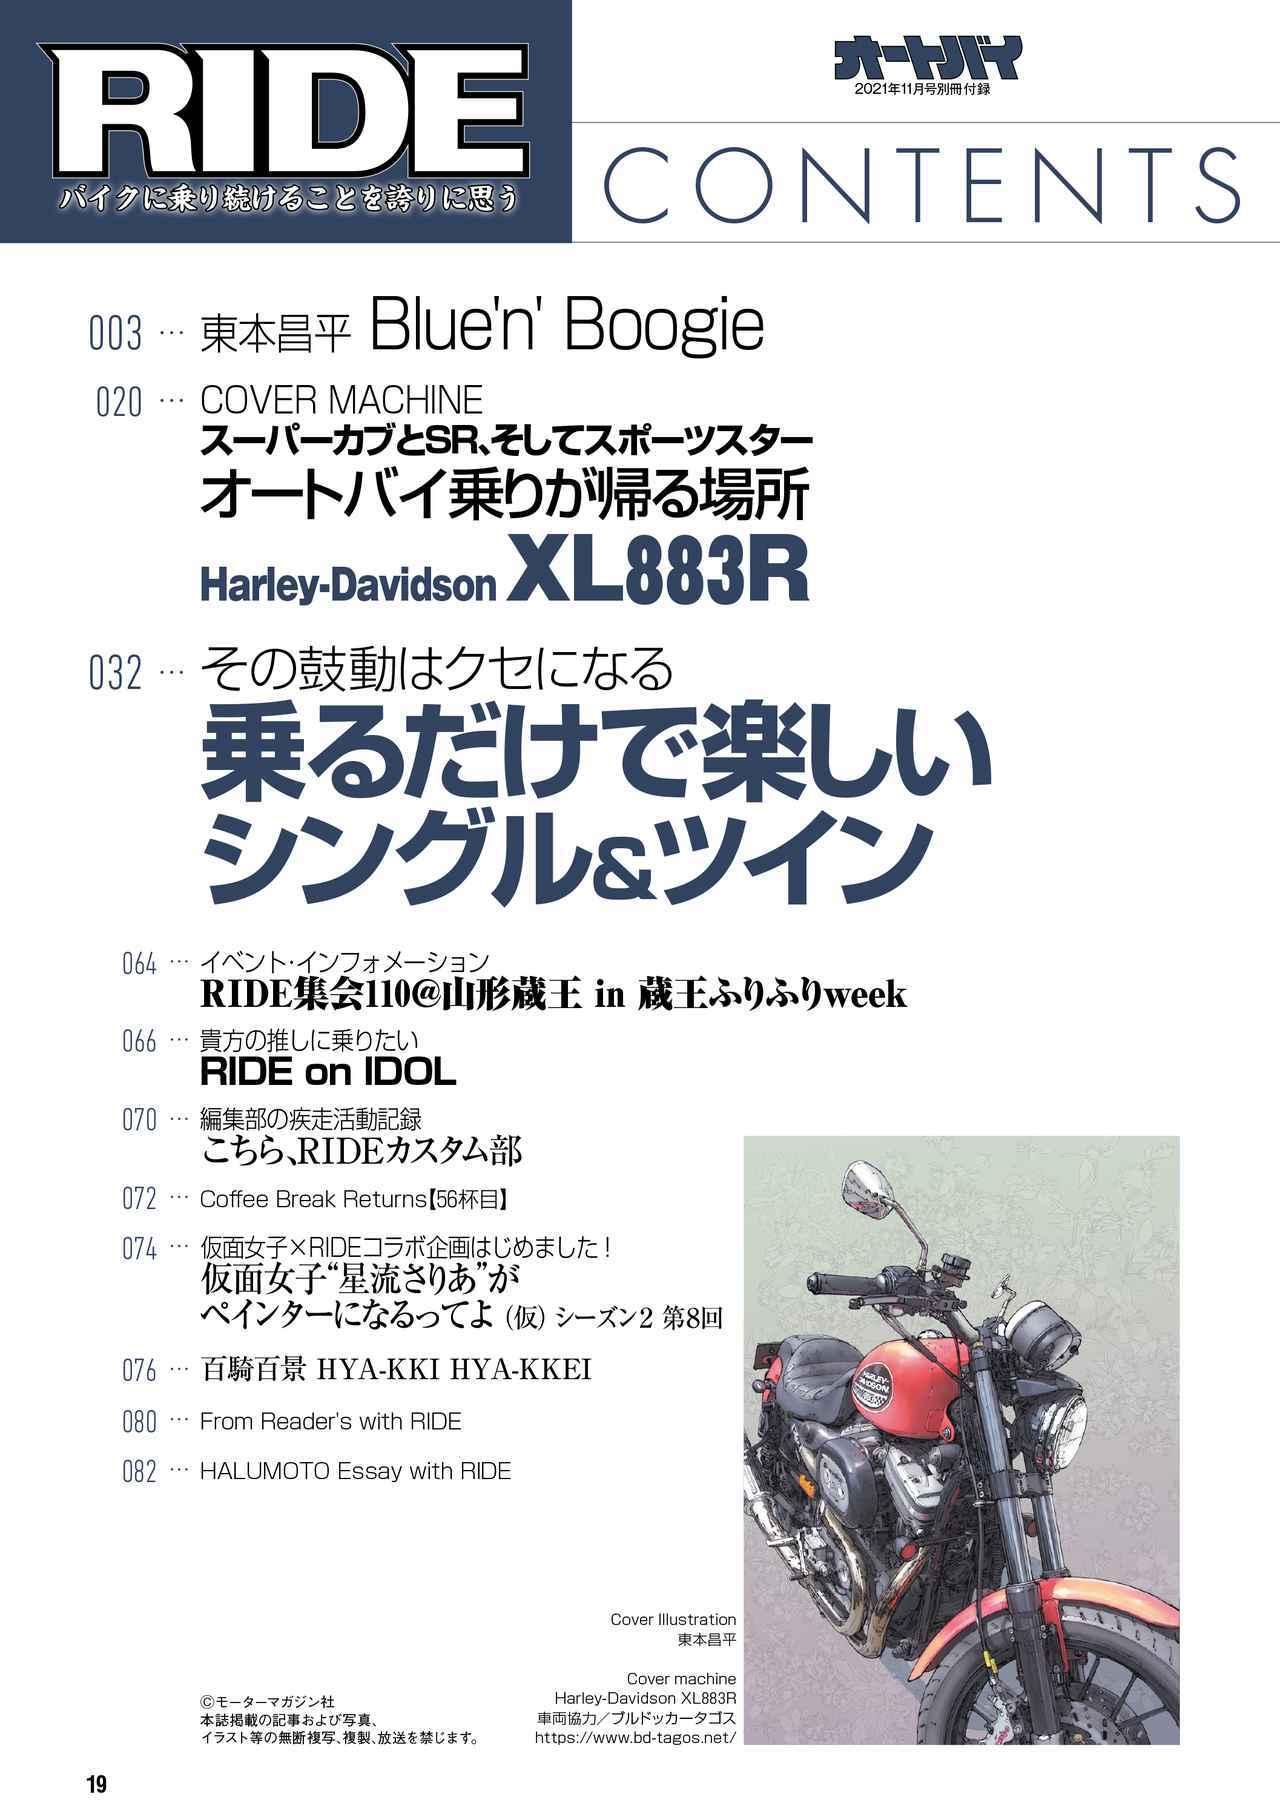 画像7: 月刊『オートバイ』11月号はスクープ情報&新型車速報が盛りだくさん!「RIDE」とセットで2021年10月1日に発売